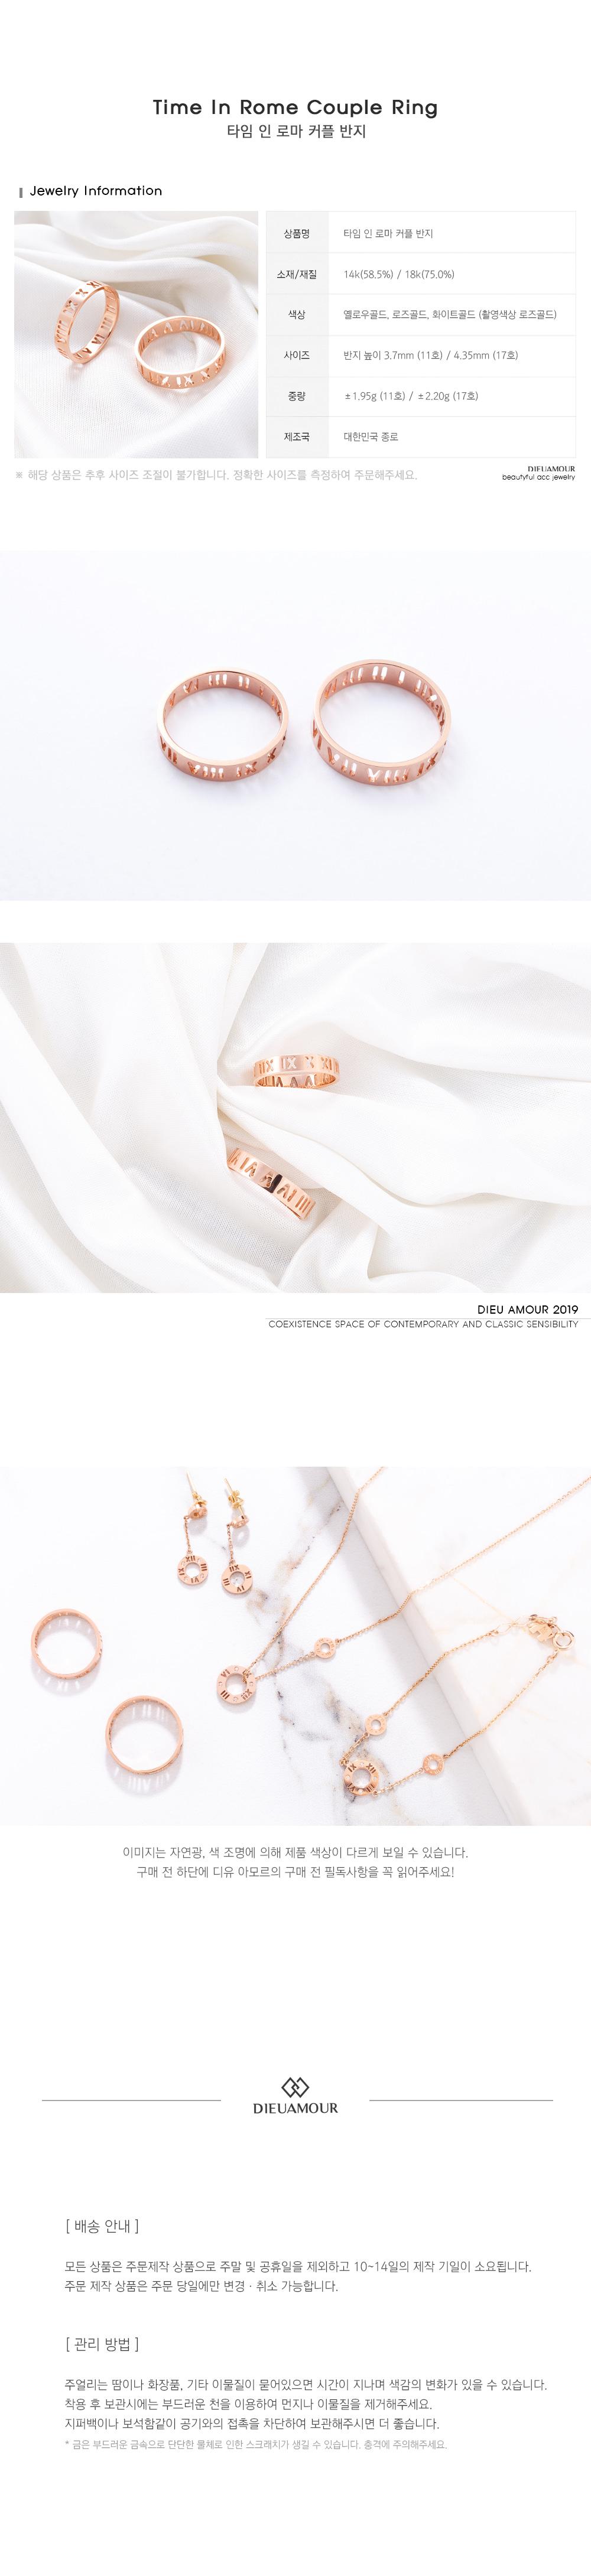 14k 타임 인 로마 커플링 - 비더블유아이, 213,000원, 골드, 14K/18K